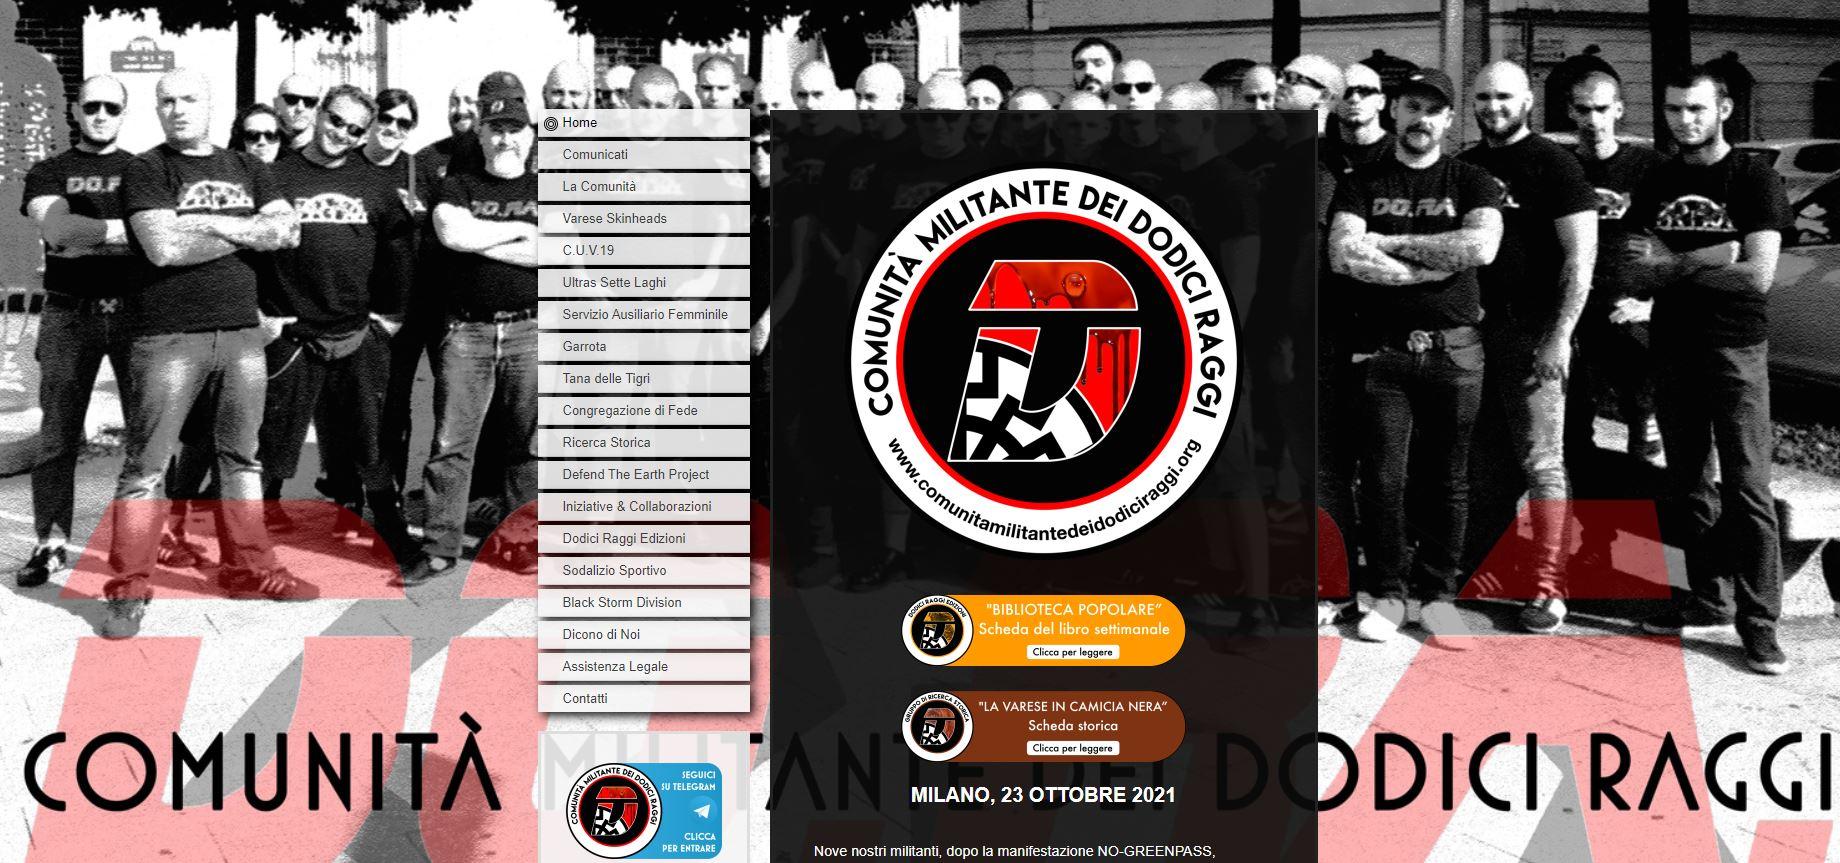 La Comunità dei Dodici Raggi: i neonazisti di Milano che dicono che i vaccini sono armi genetiche